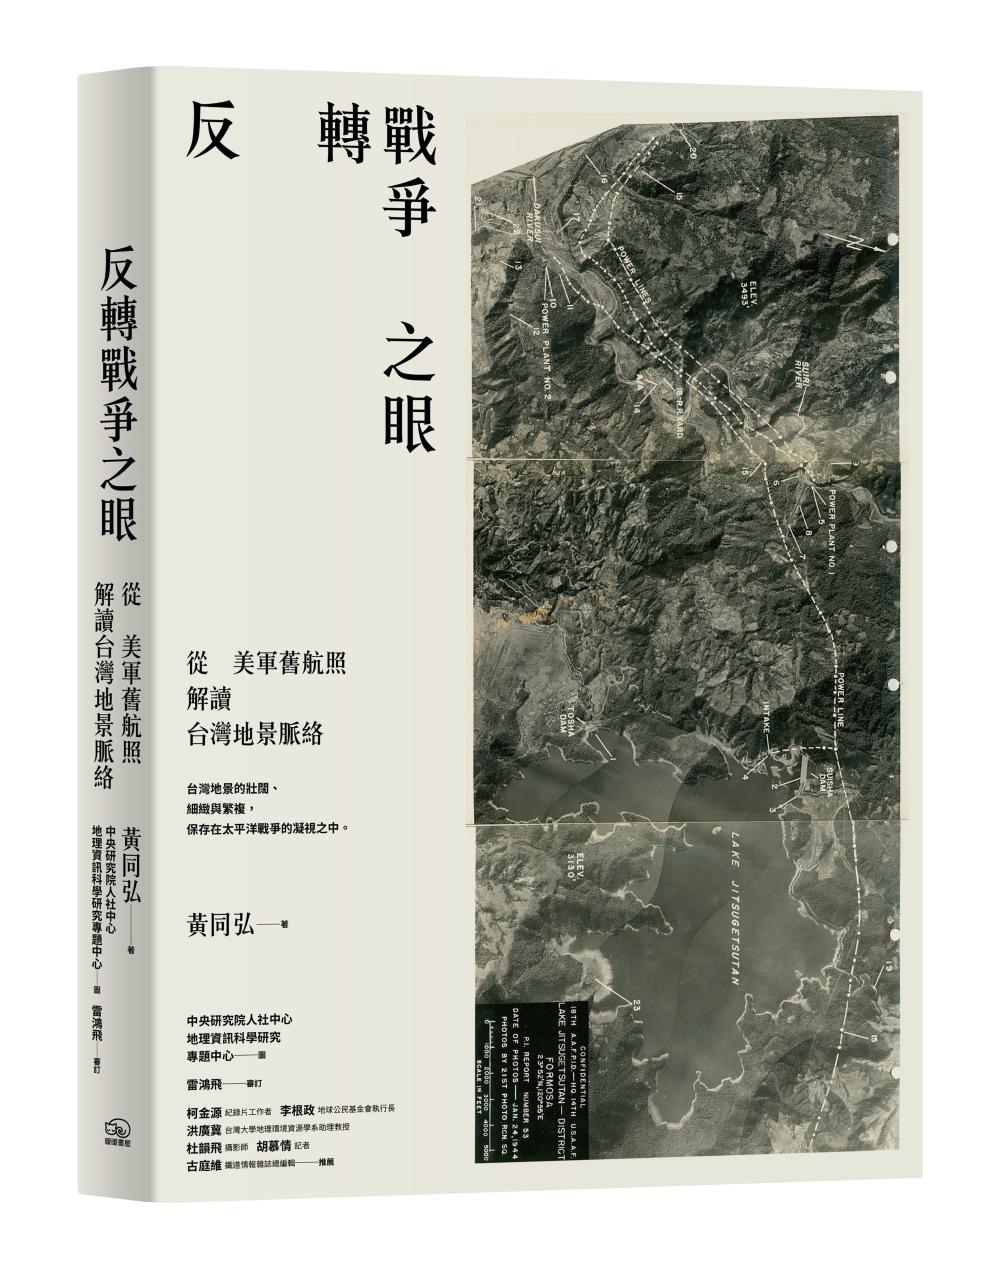 《反轉戰爭之眼:從美軍舊航照解讀台灣地景脈絡》 商品條碼,ISBN:9789869465779